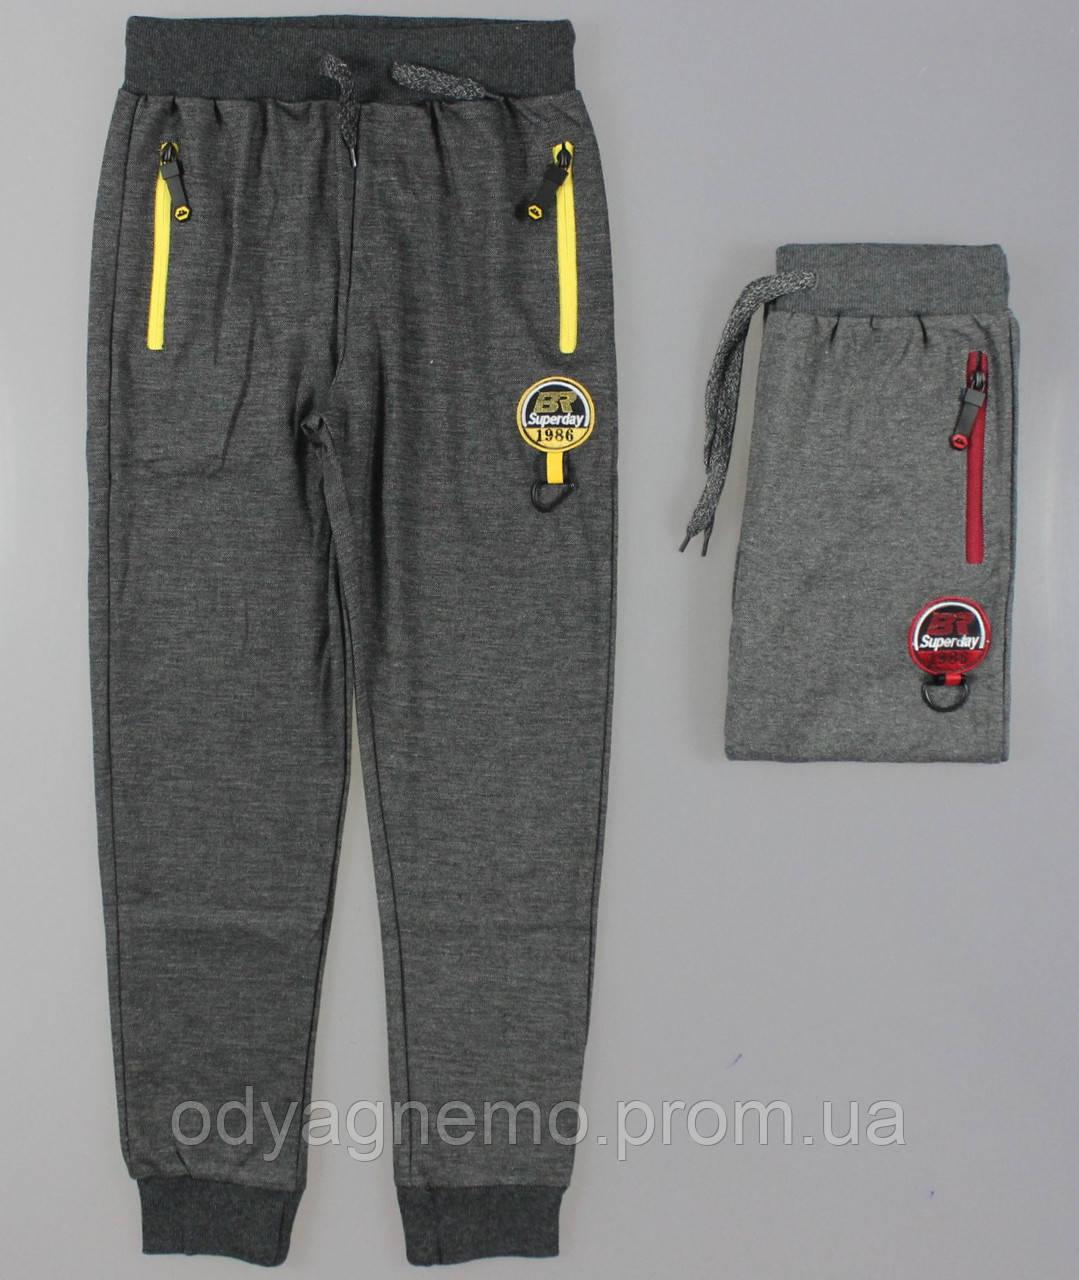 Спортивные брюки для мальчиков Sincere оптом, 134-164 pp.